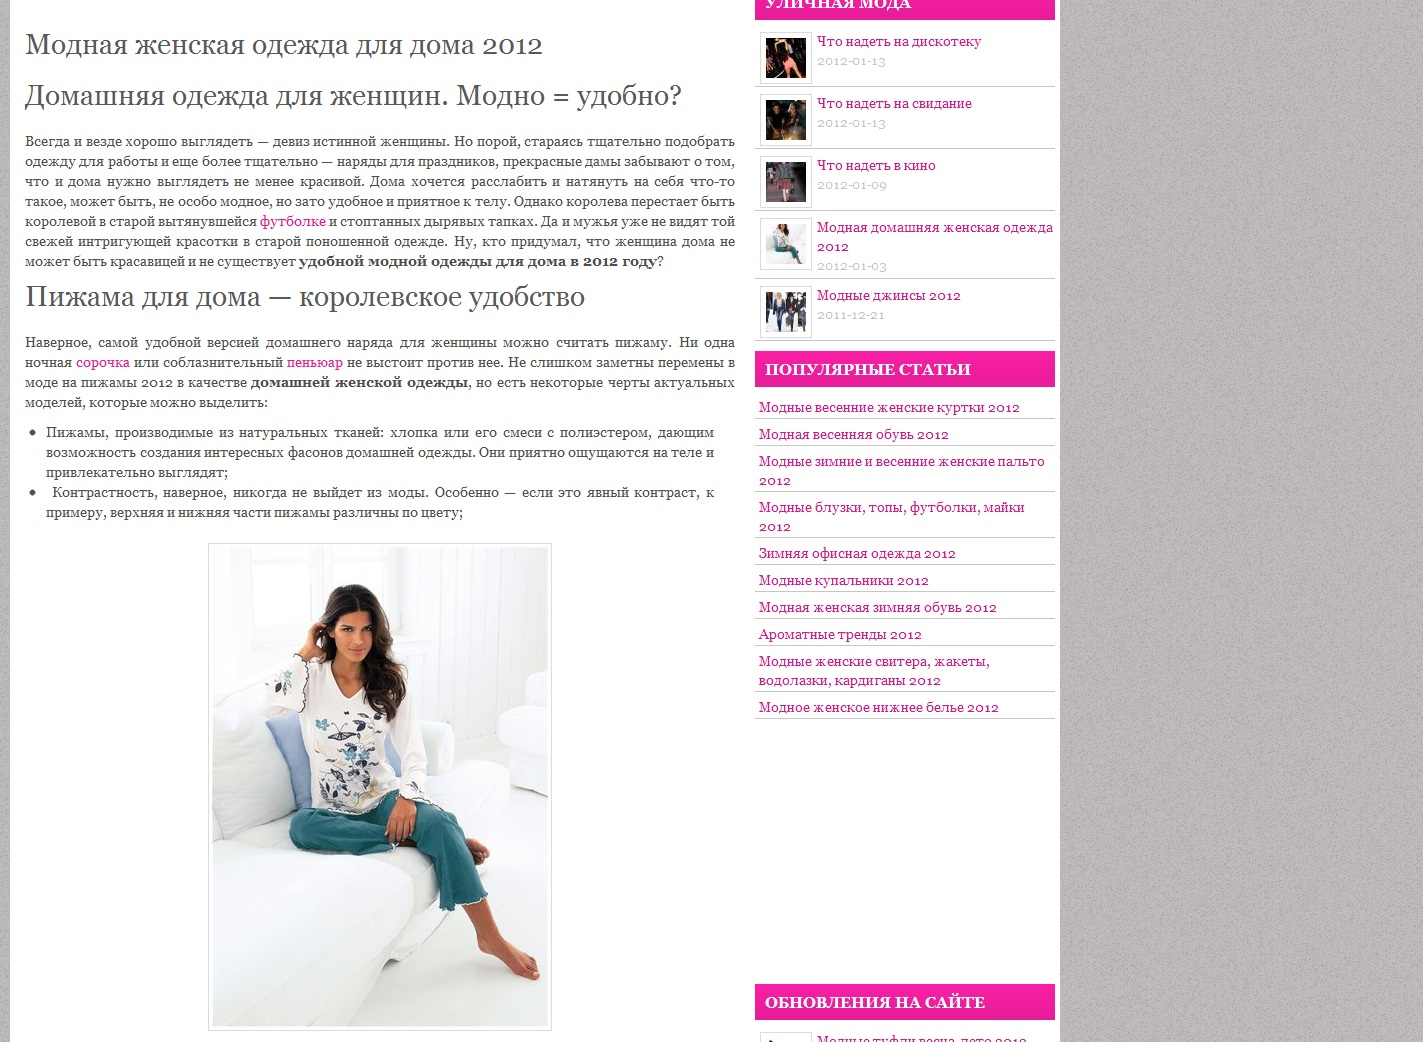 Модная домашняя женская одежда 2012